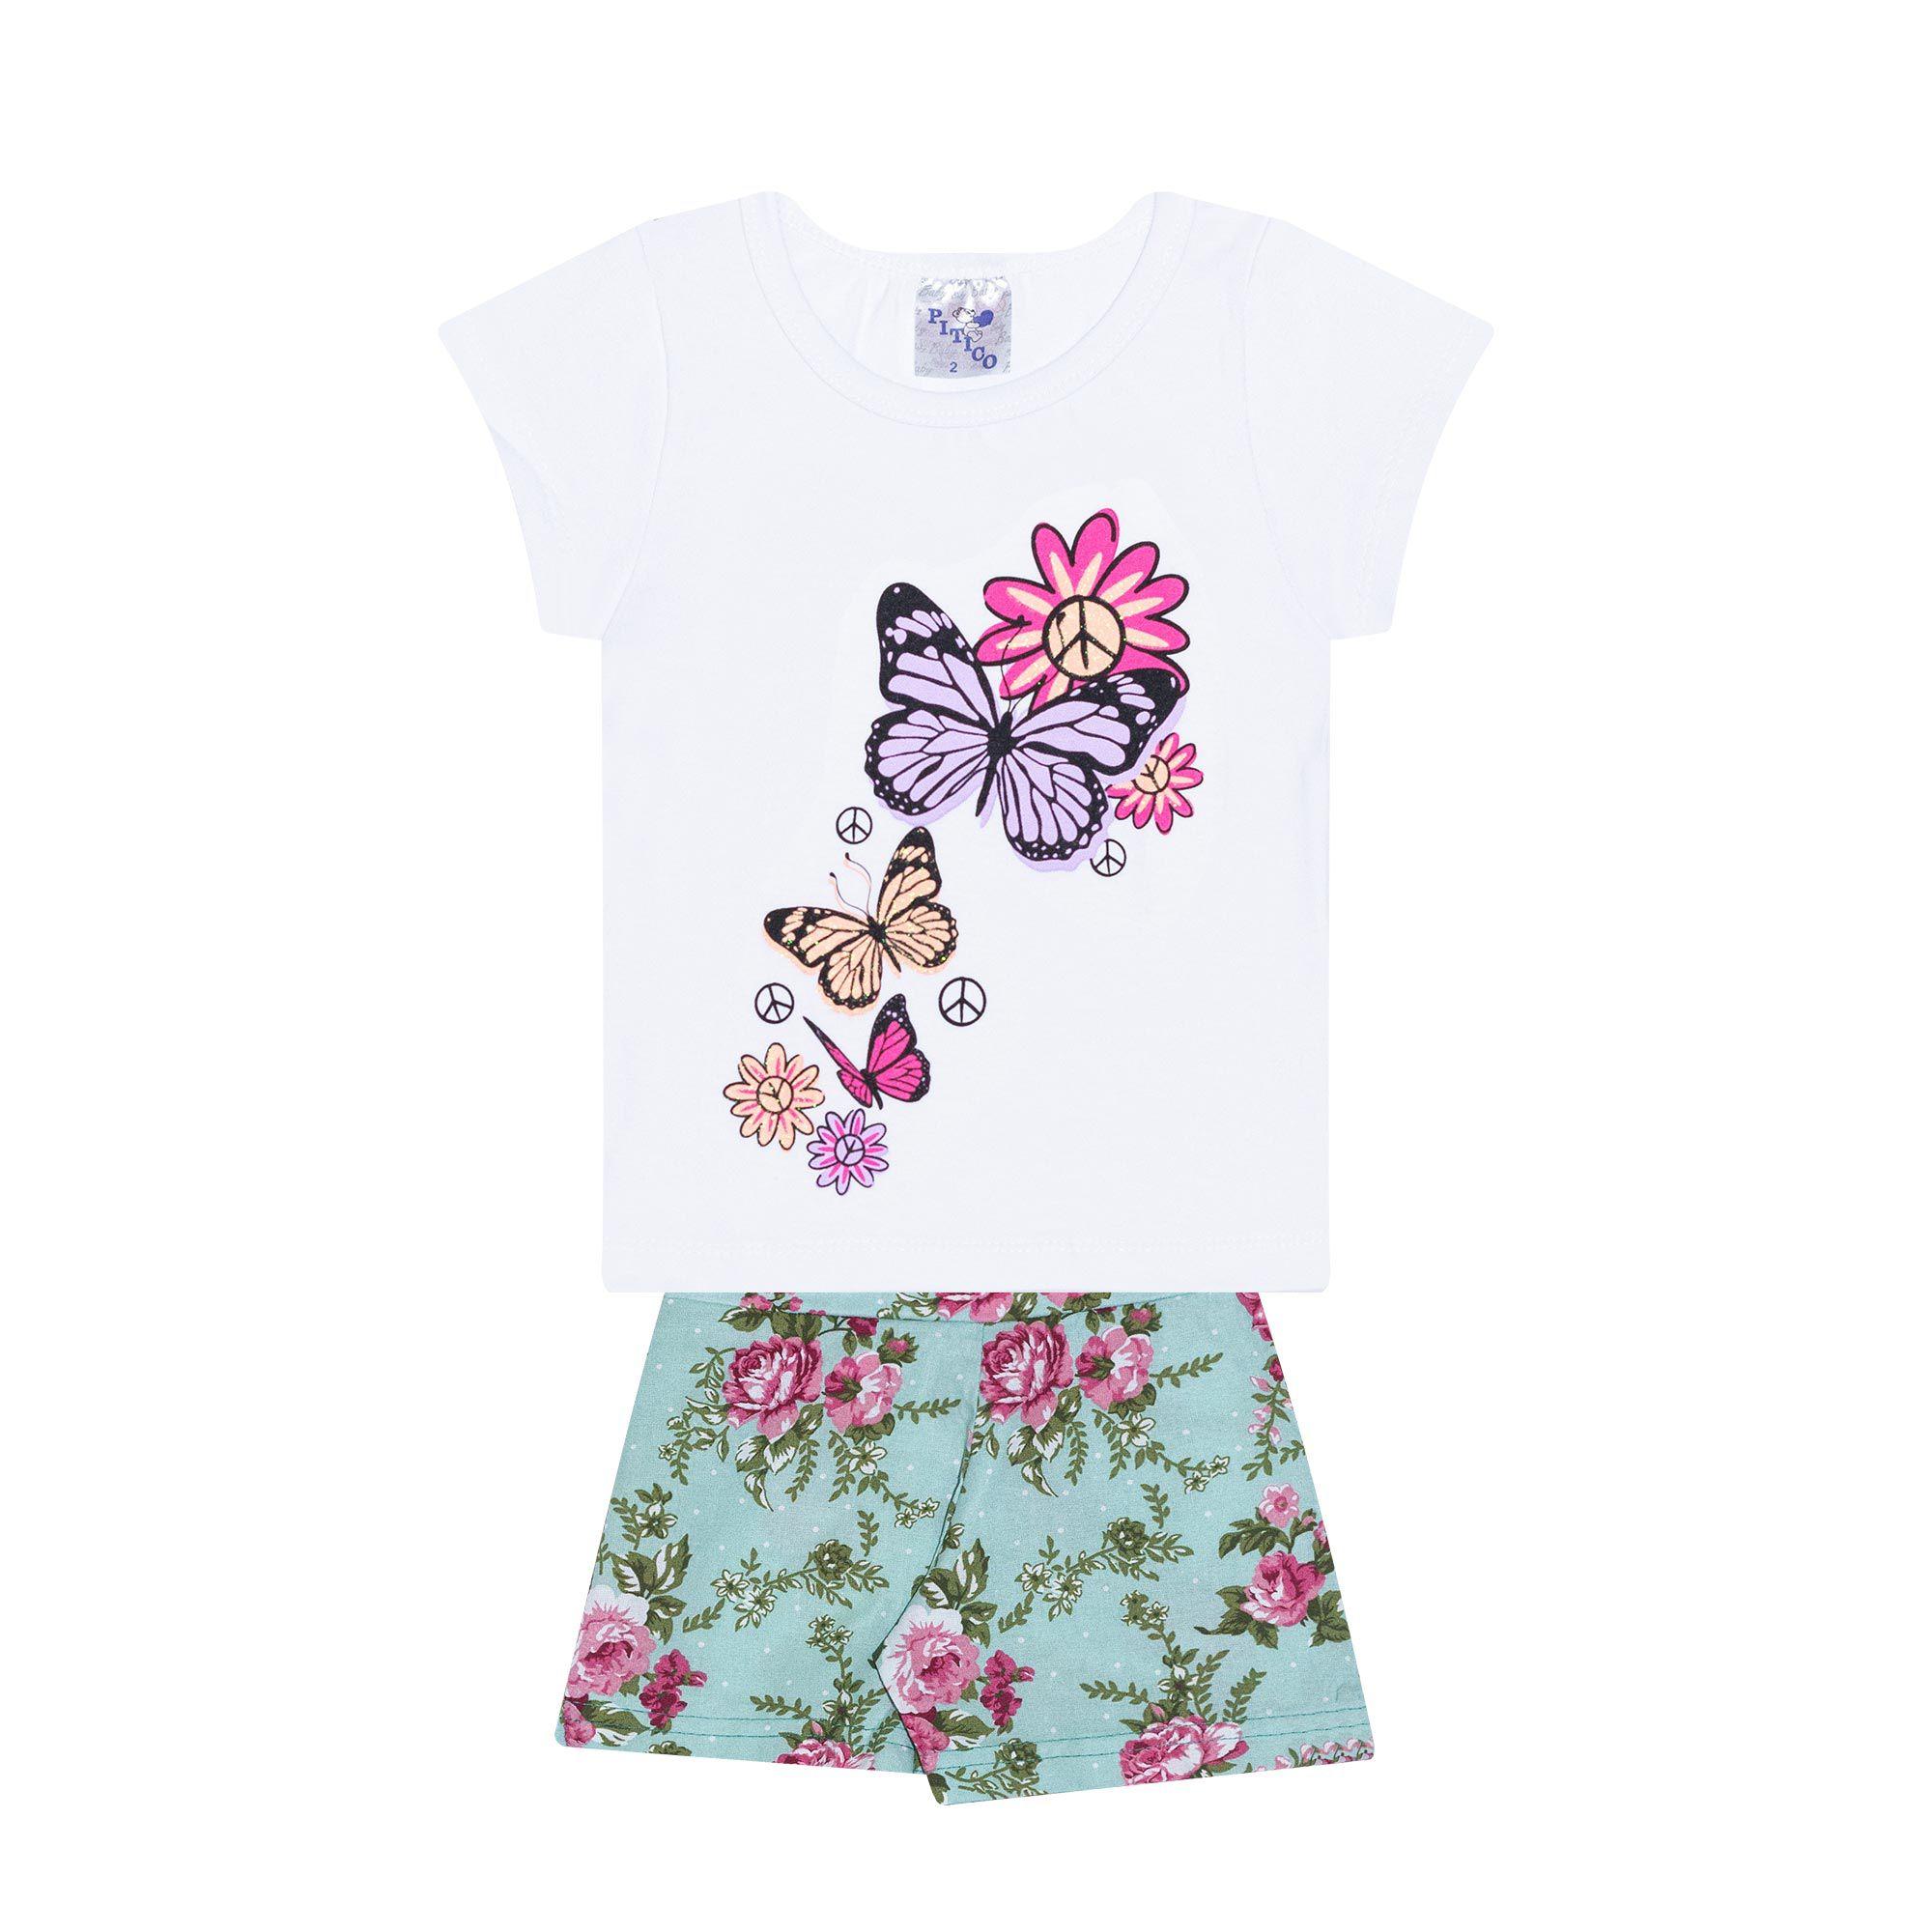 Conjunto Infantil Feminino - Ref 1005 - Branco/Verde - Pitico